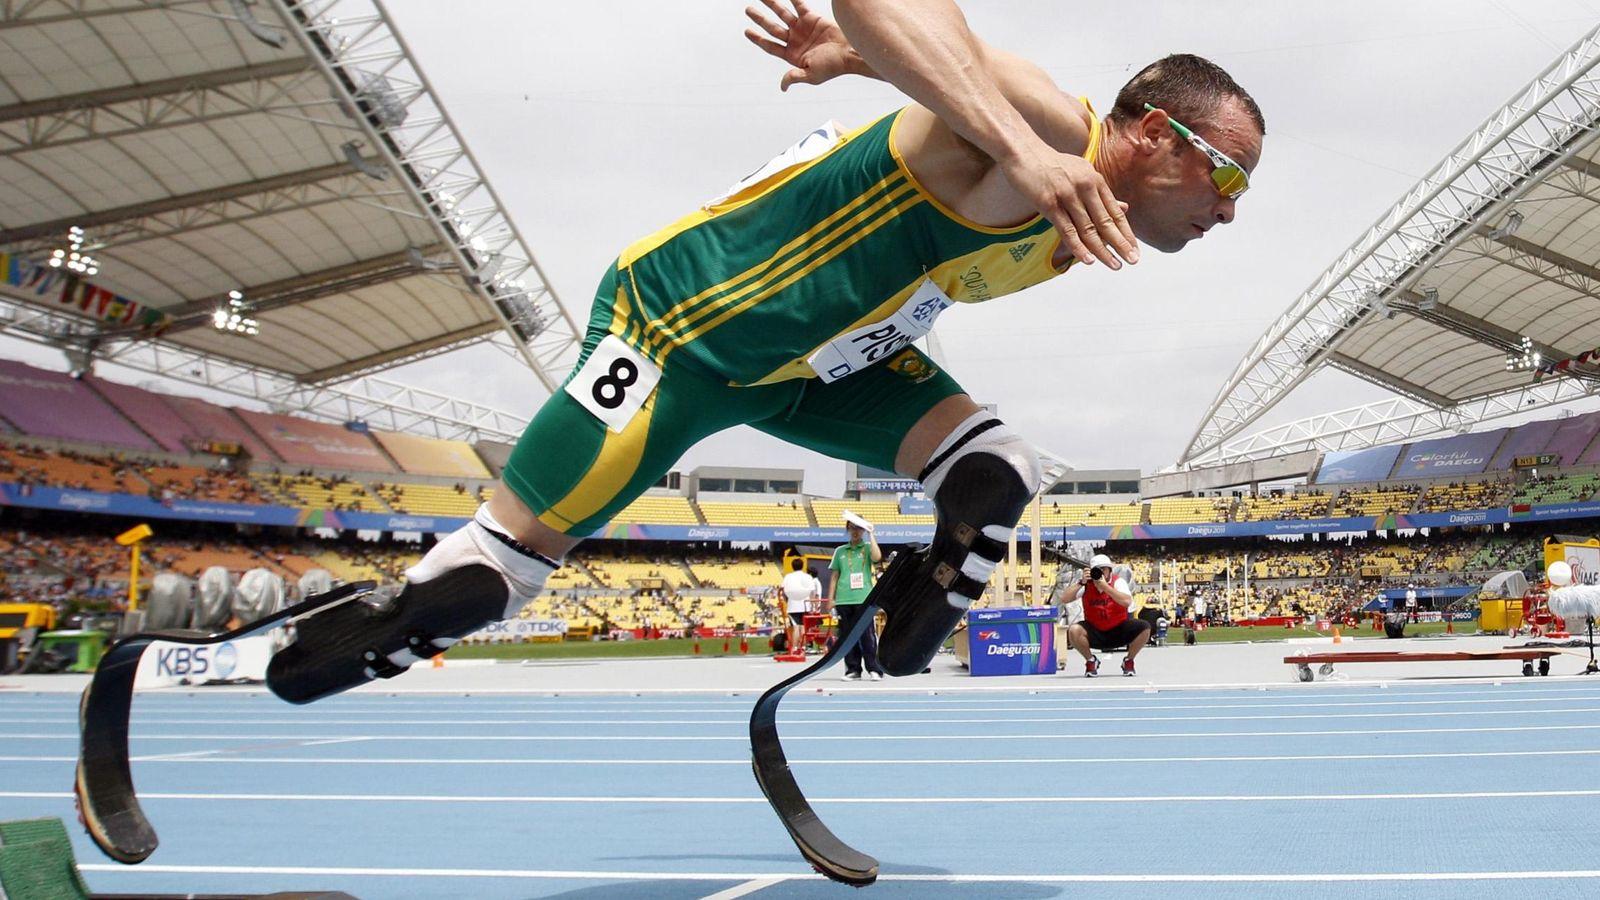 Juegos Olimpicos Rio 2016 Los Juegos Olimpicos Y La Tecnologia